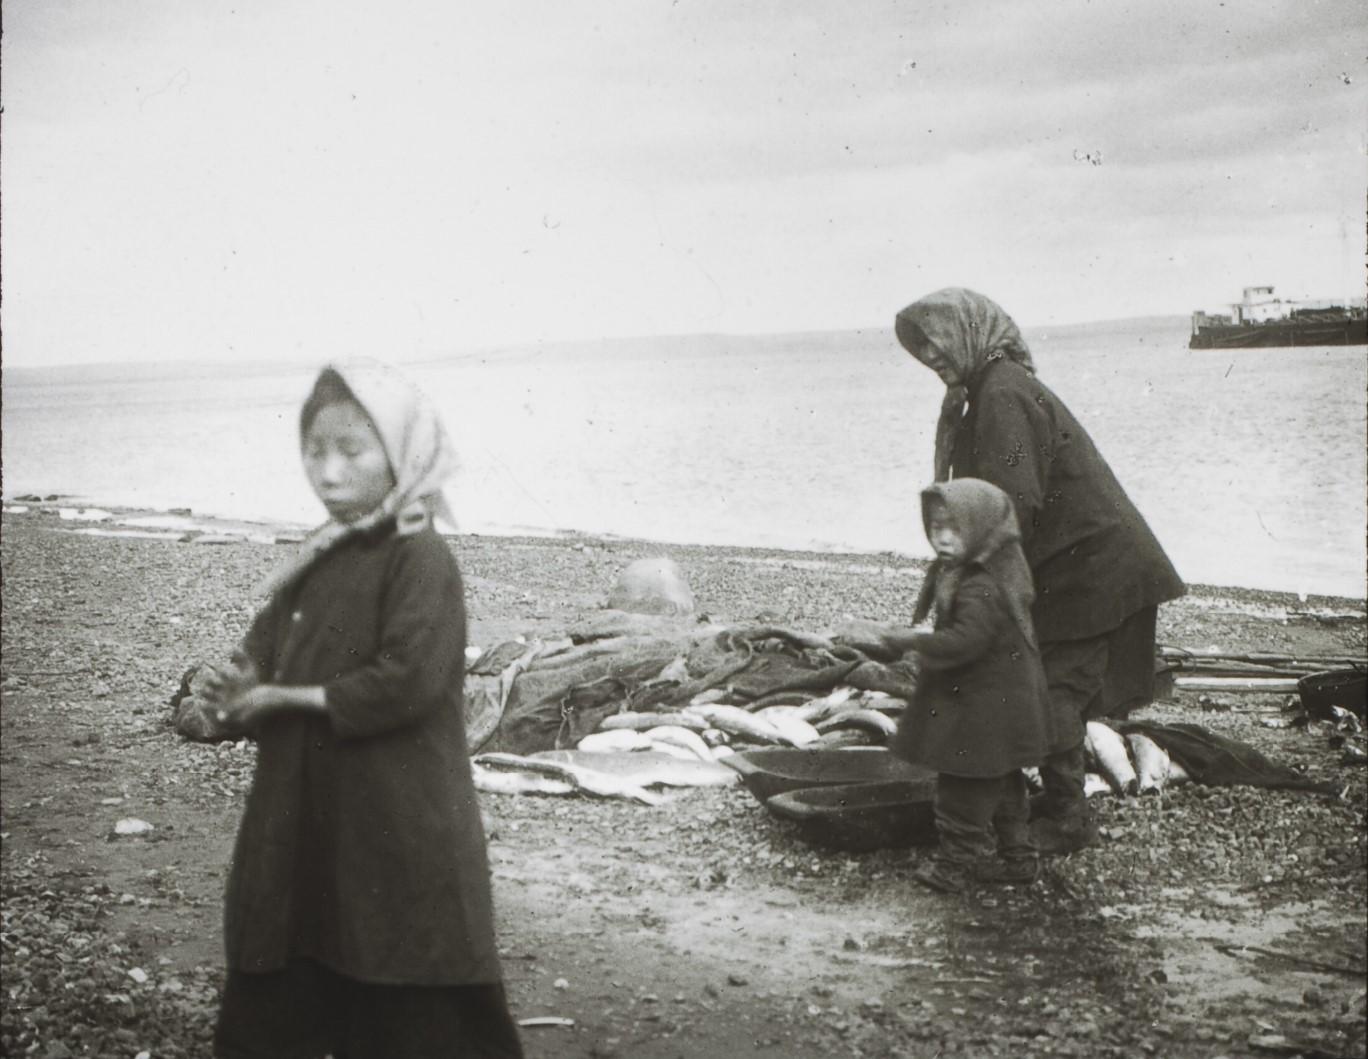 Якутская область. Маленькие якутские рыбаки, Нижняя Лена